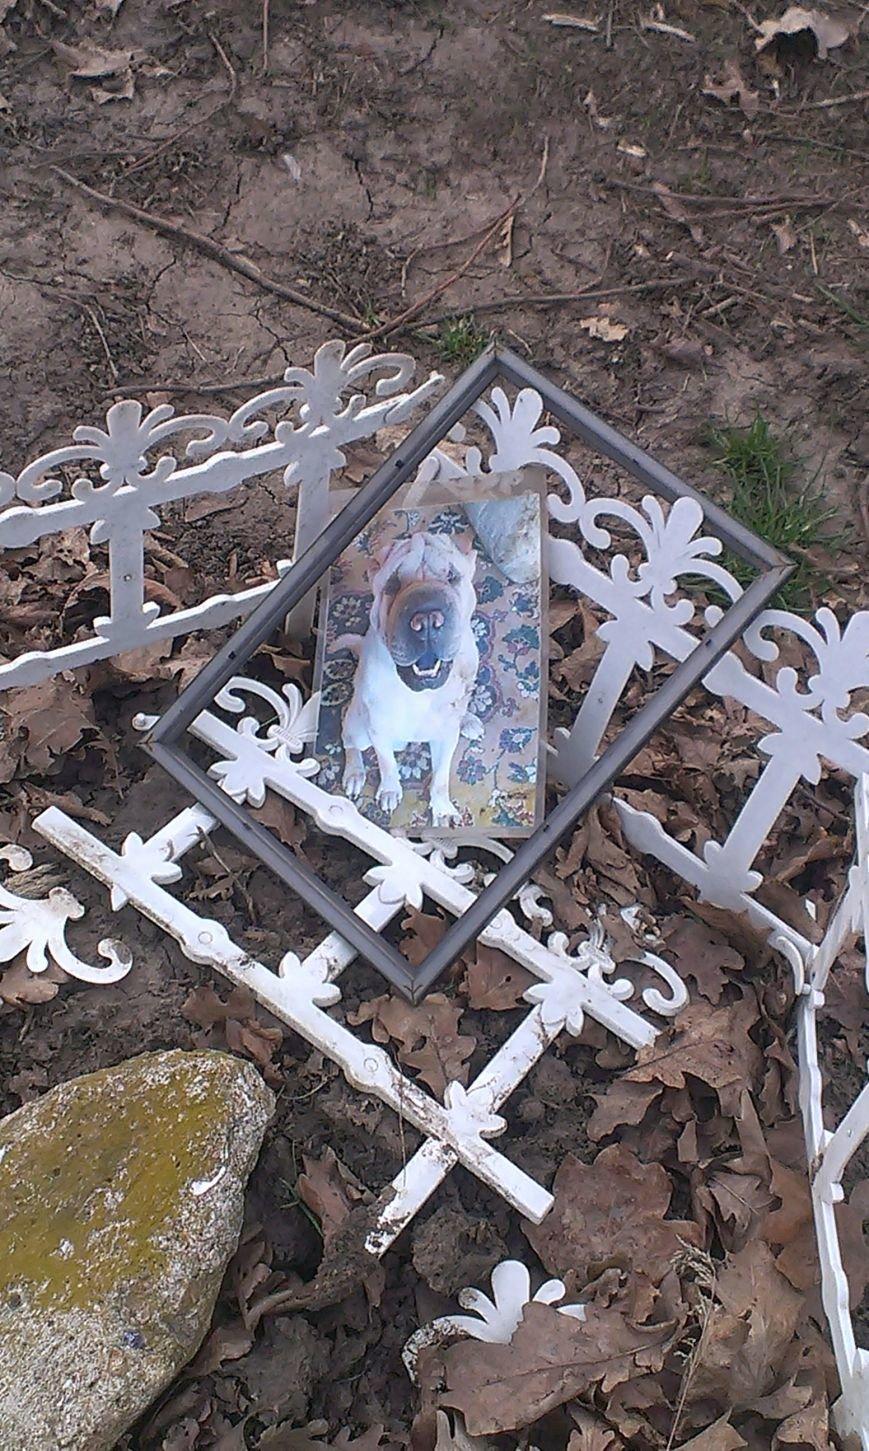 На Мемориале героической обороны Одессы собачники устроили кладбище домашних животных (ФОТО) (фото) - фото 1